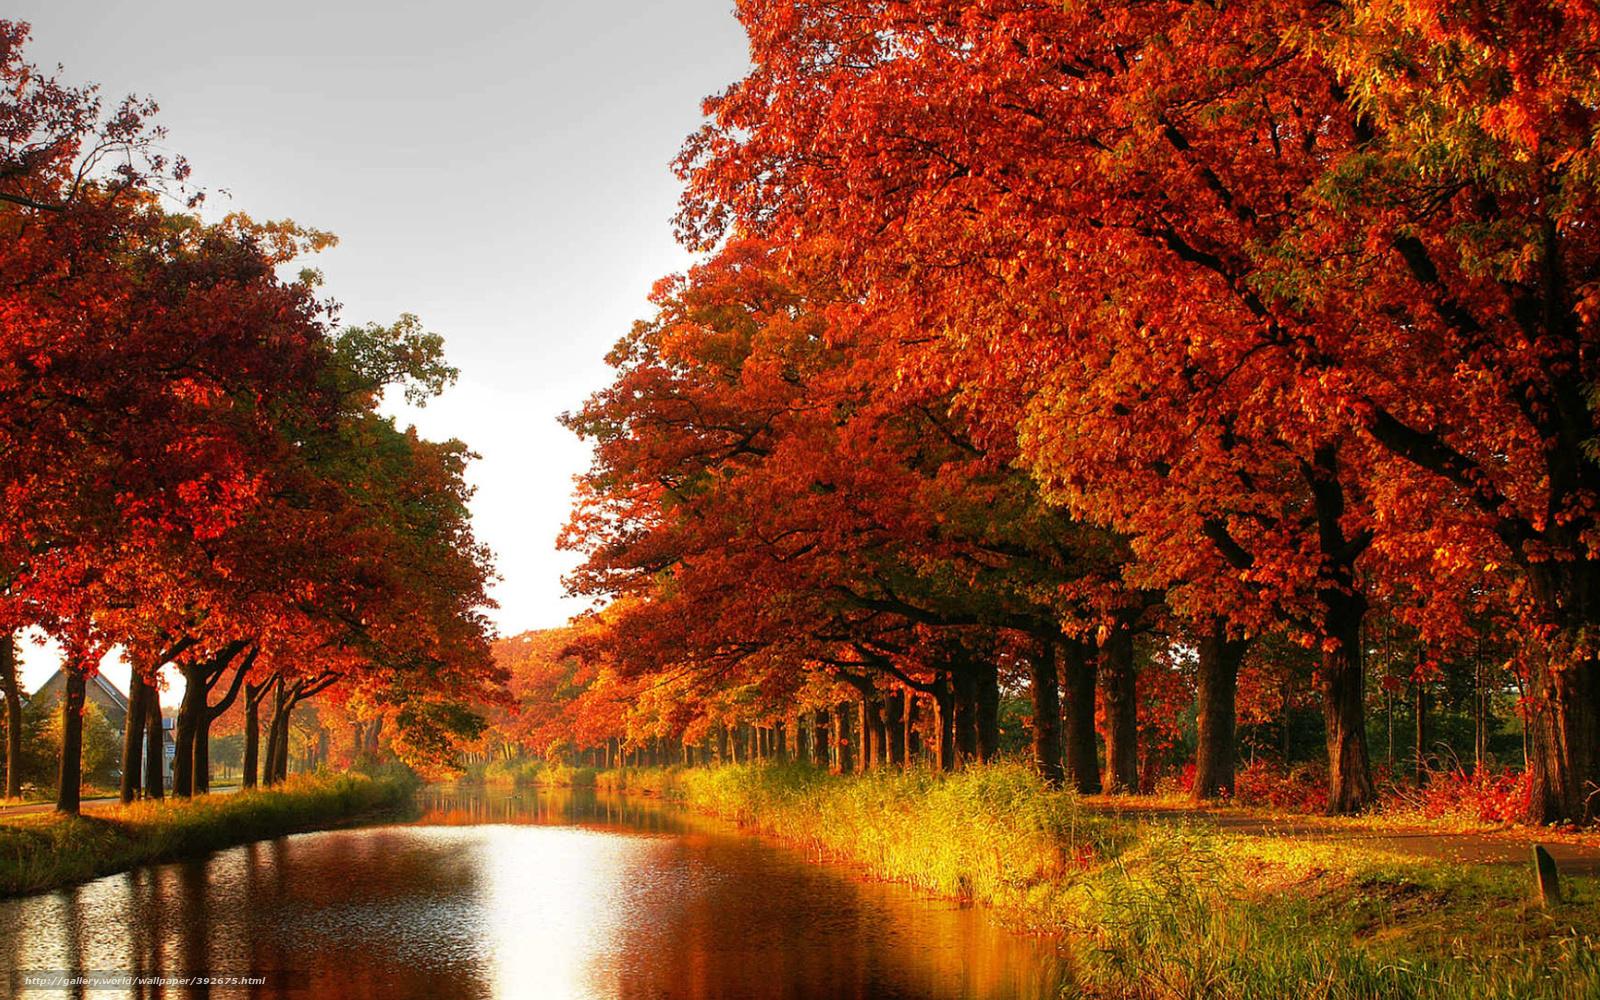 scaricare gli sfondi canale autunno alberi sfondi gratis